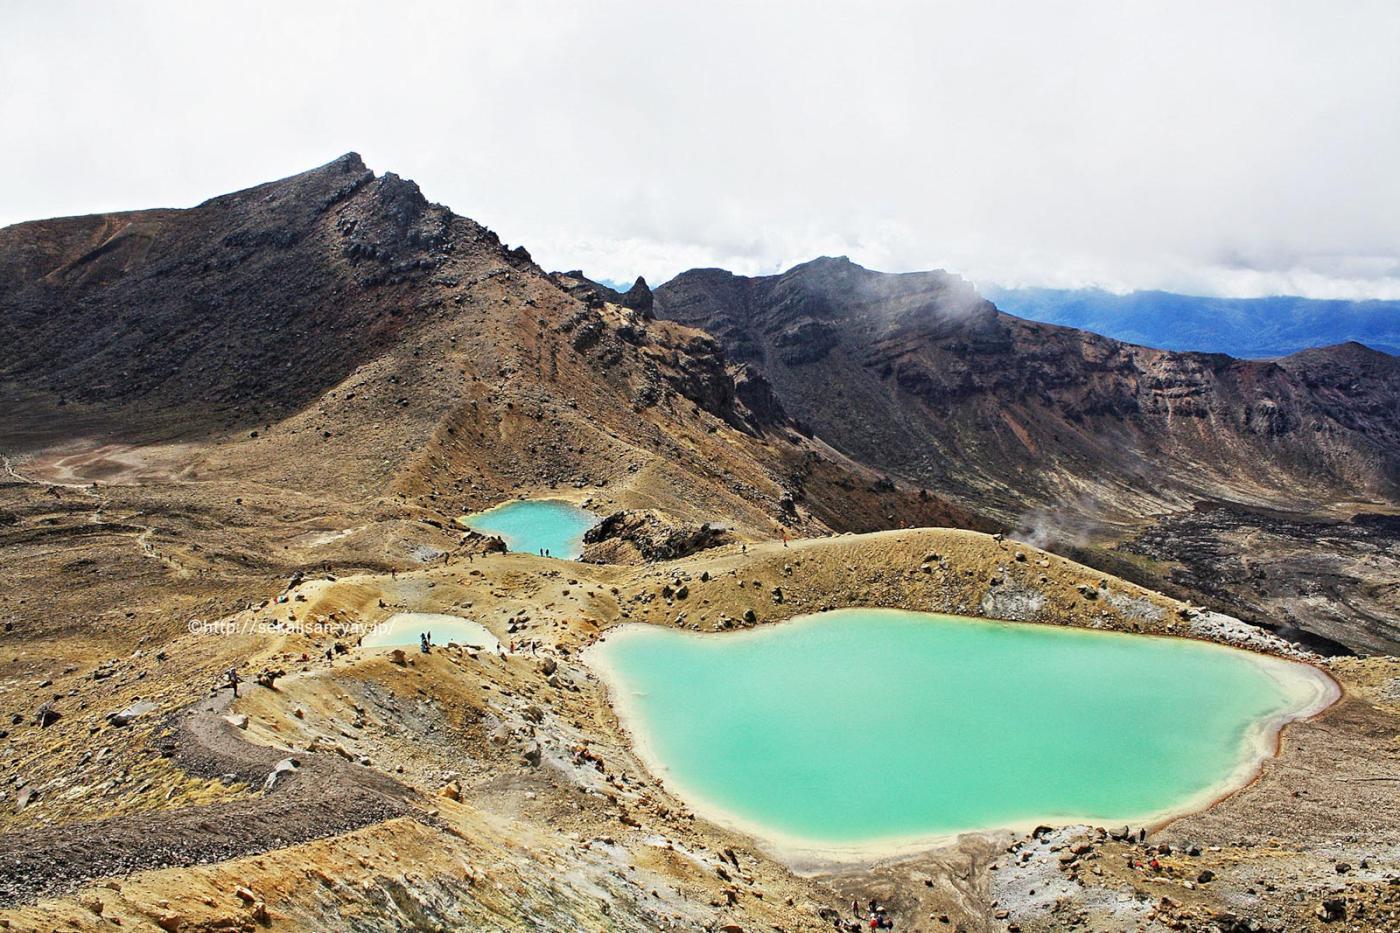 NHKラジオ第1マイあさ!5月はニュージーランドの世界遺産「トンガリロ国立公園」をご紹介